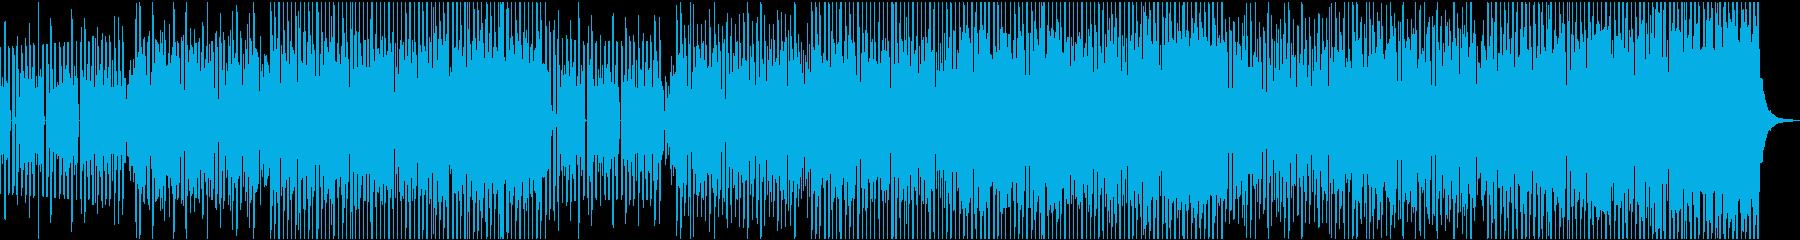 ファンク レトロ 低音の再生済みの波形